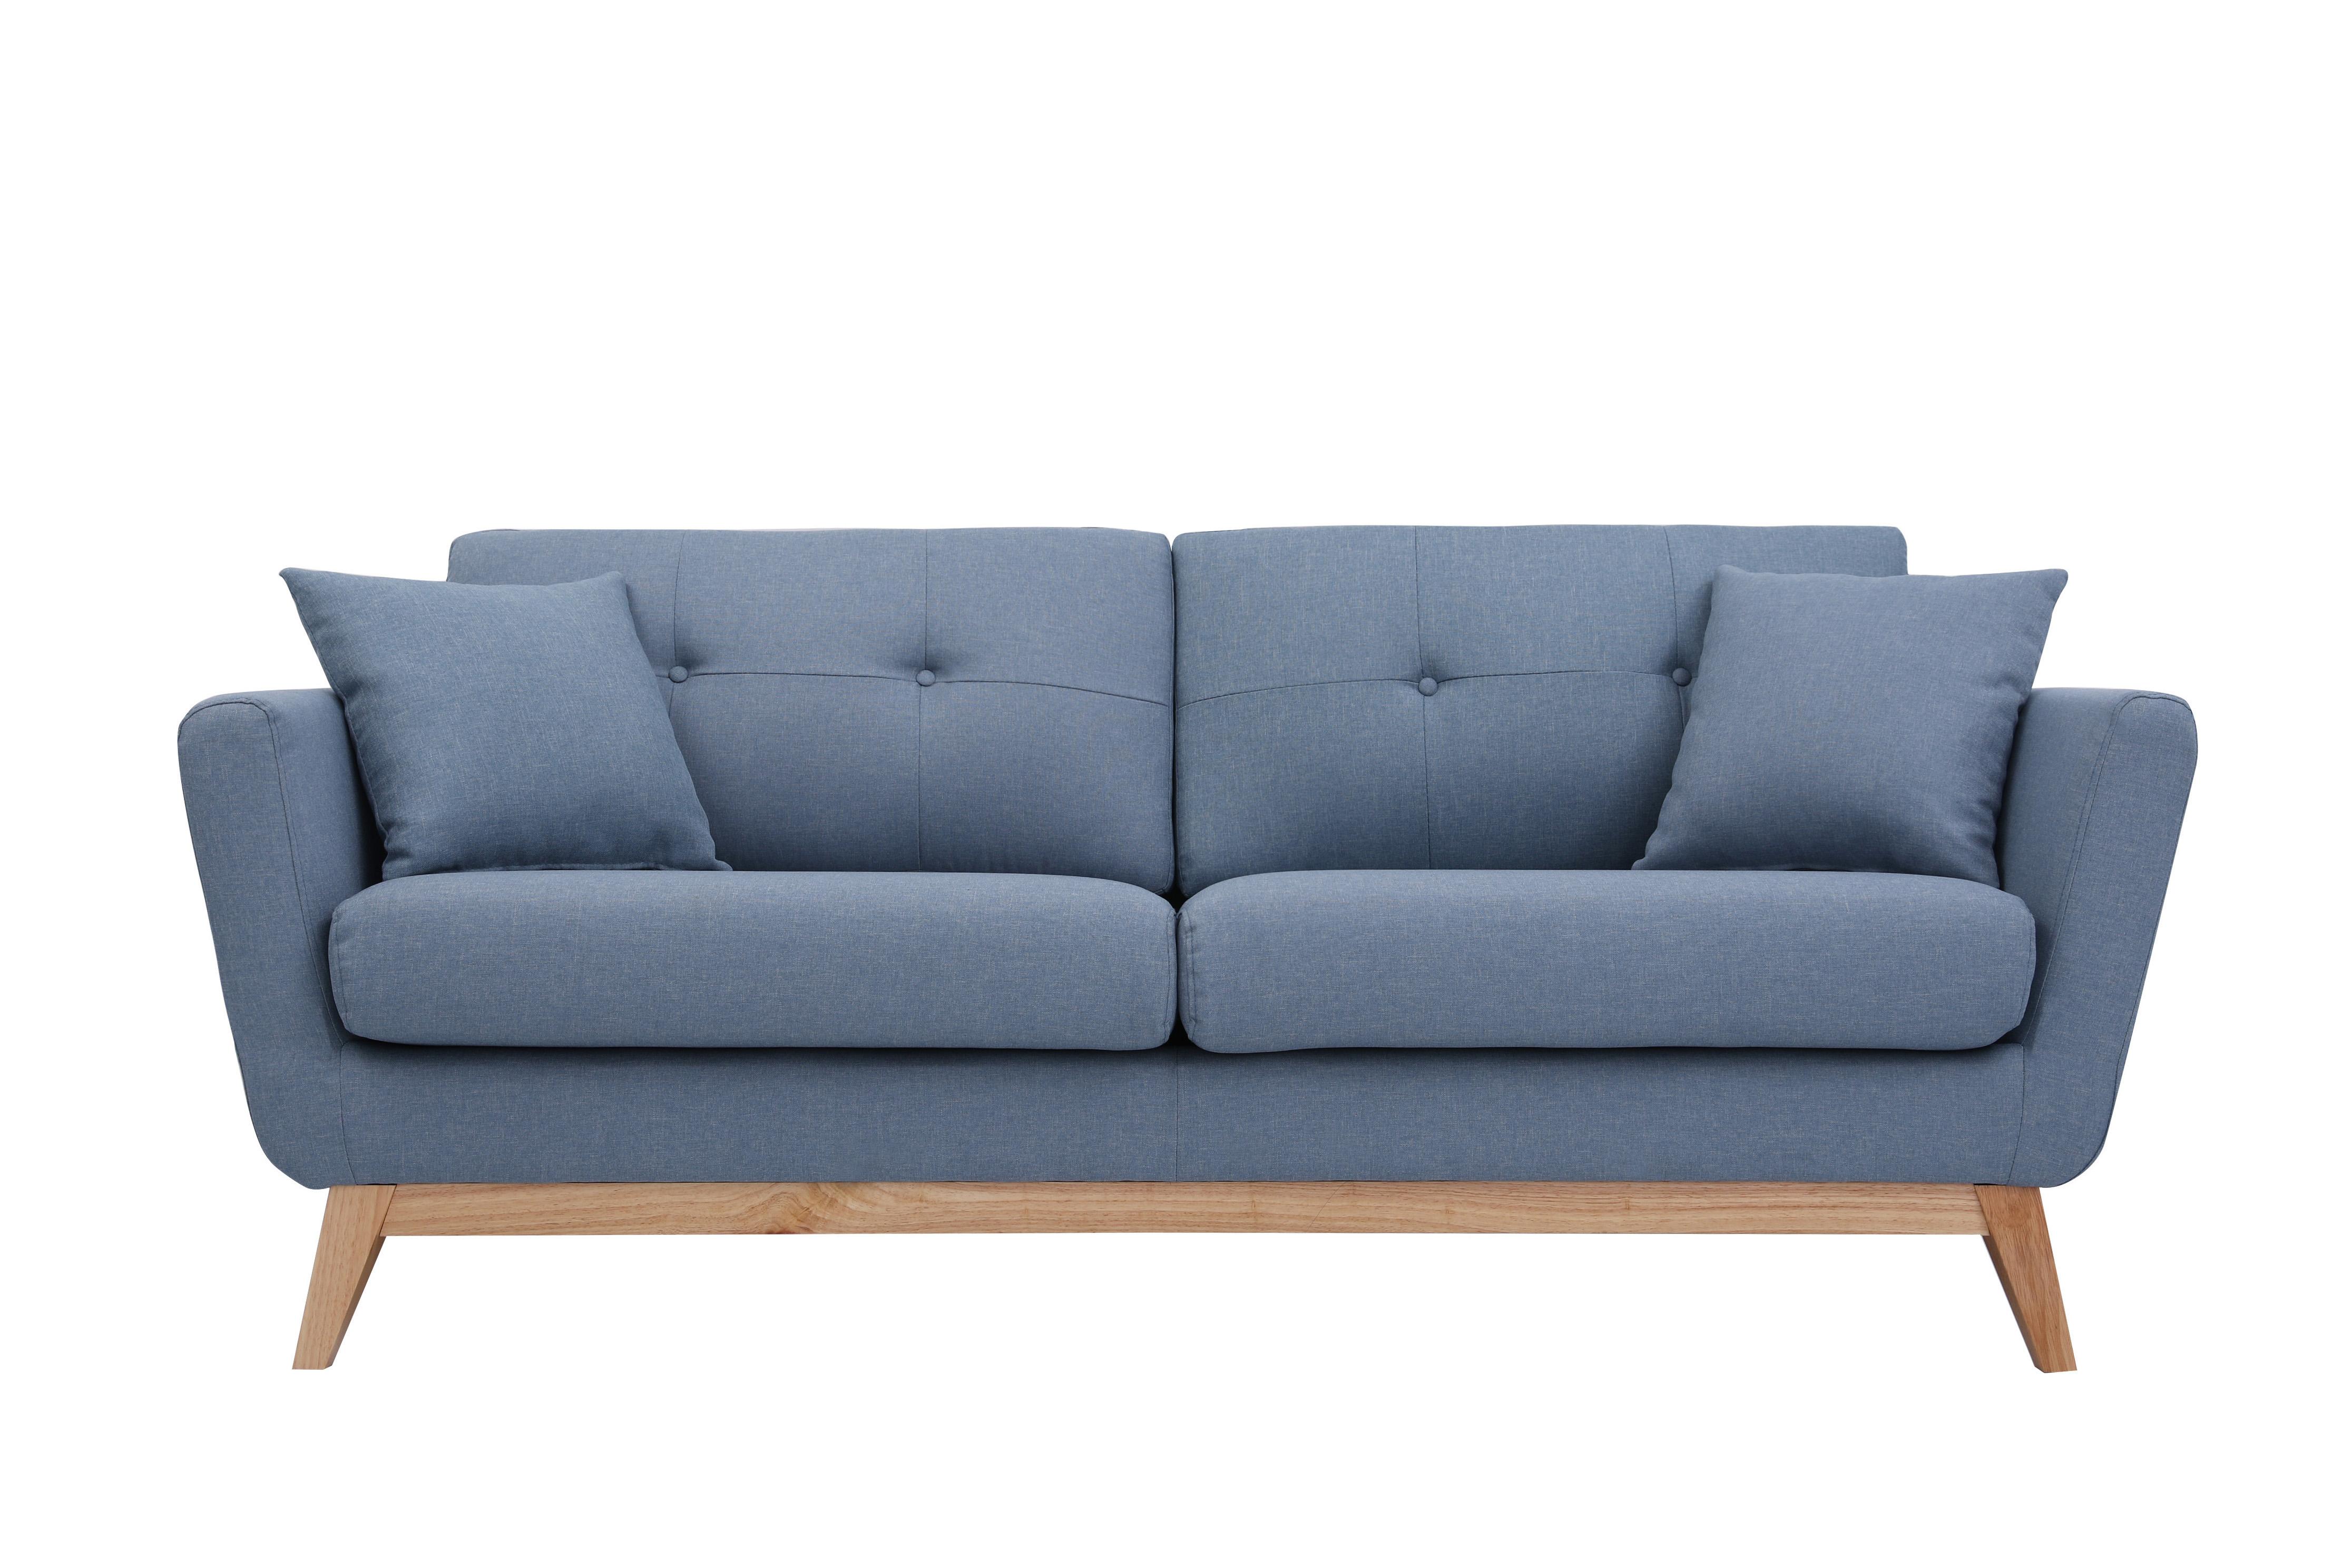 Canapé droit 3 places Bleu Tissu Scandinave Confort